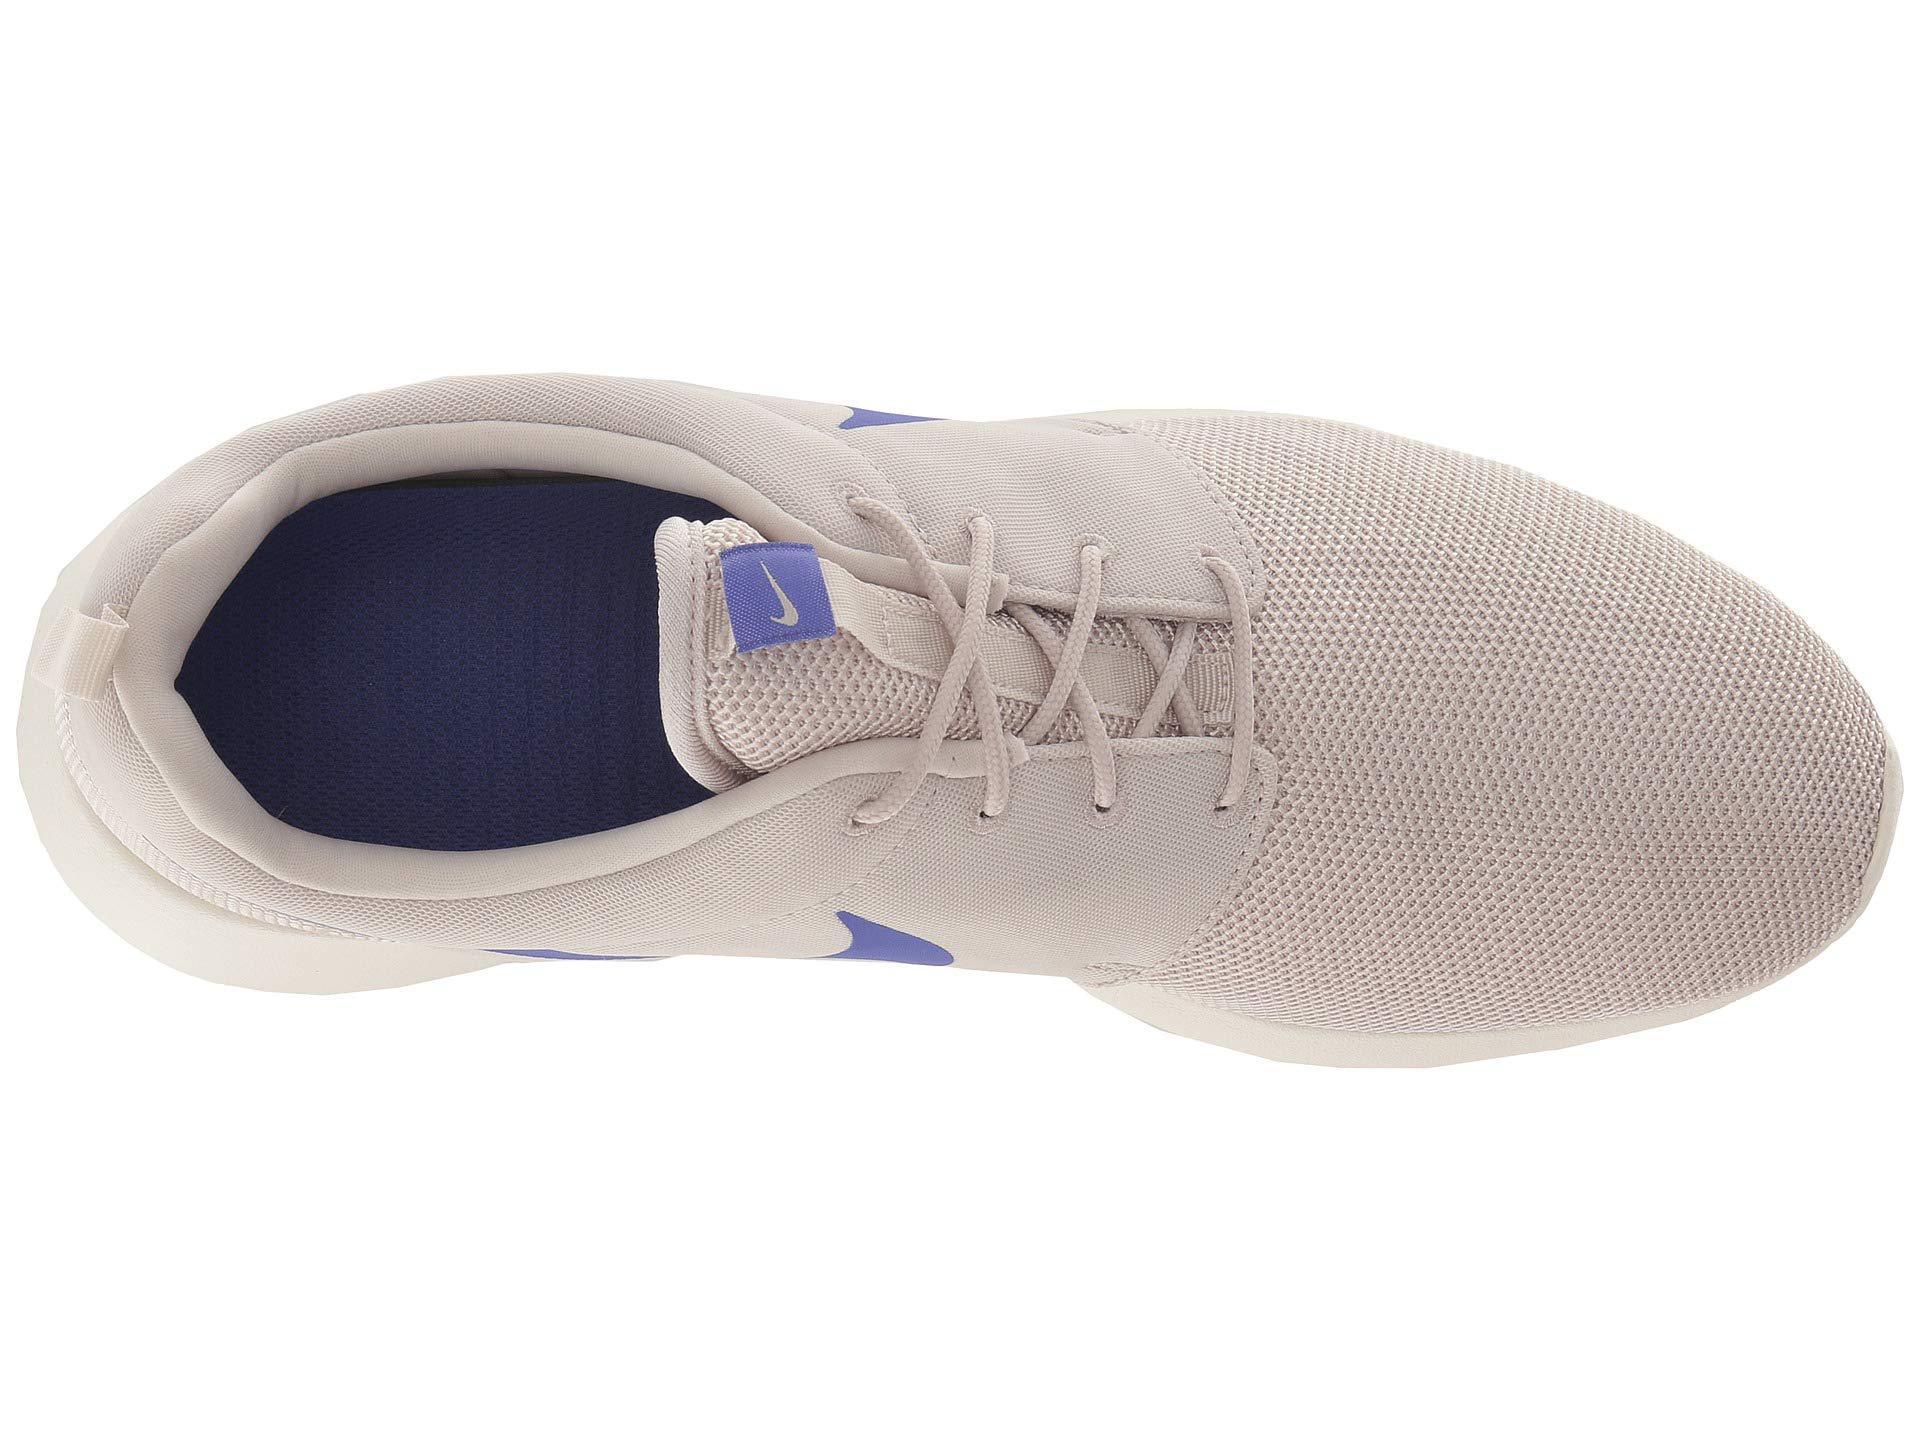 829de3c3d4c7e Roshe Nike Lyst Shoes blacksailanthracite Men s One Classic a5Oq6fAwq